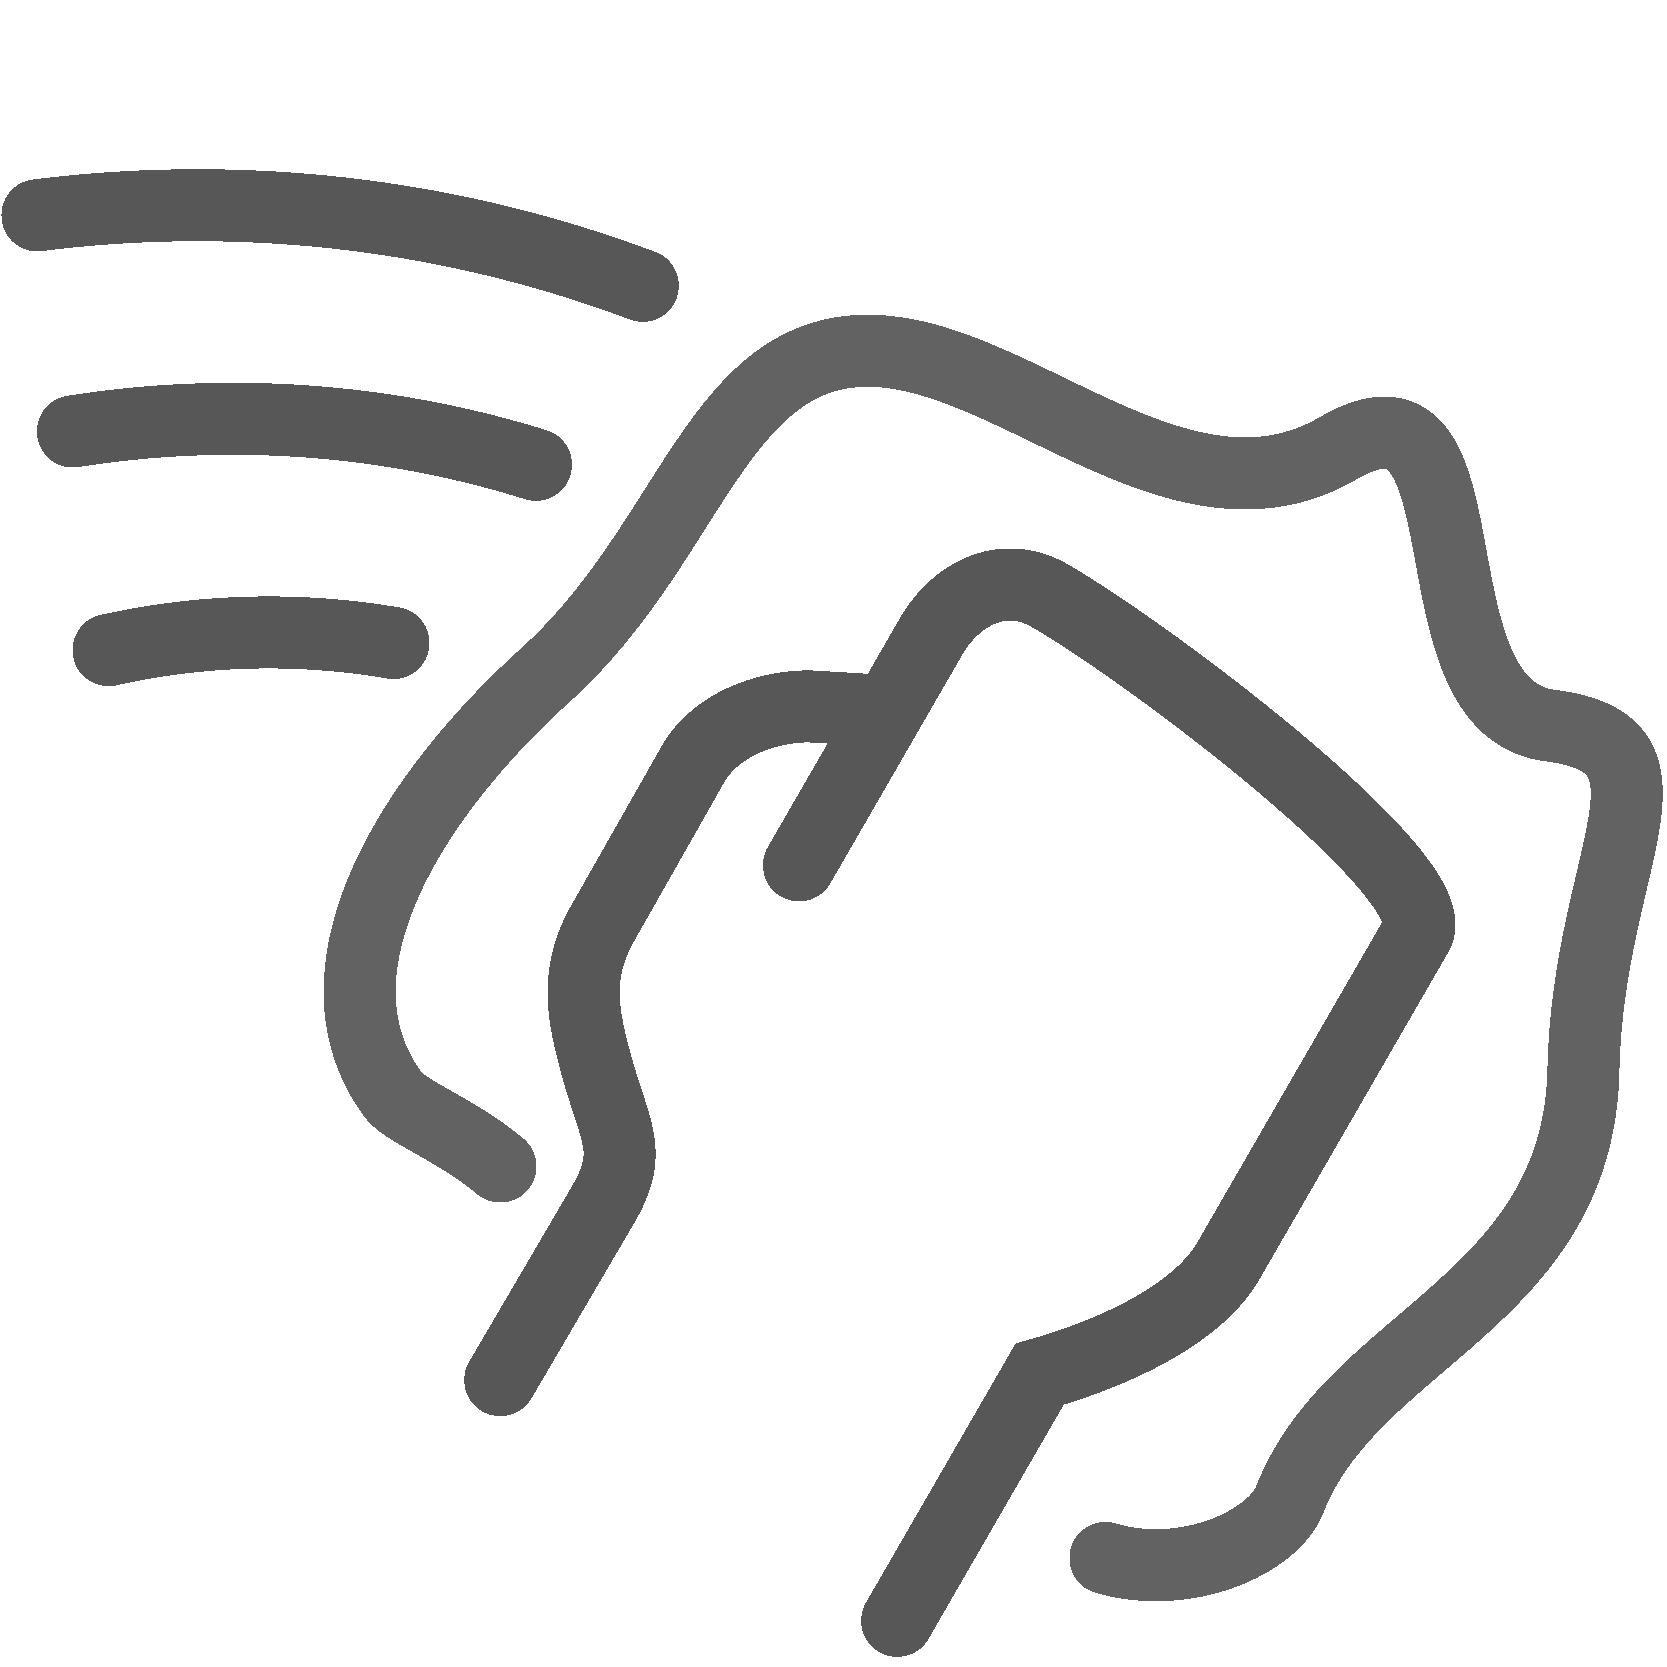 Illustrierte polierende Hand, Icon für Flugrostentfernung, Leistungen von AutOptik.